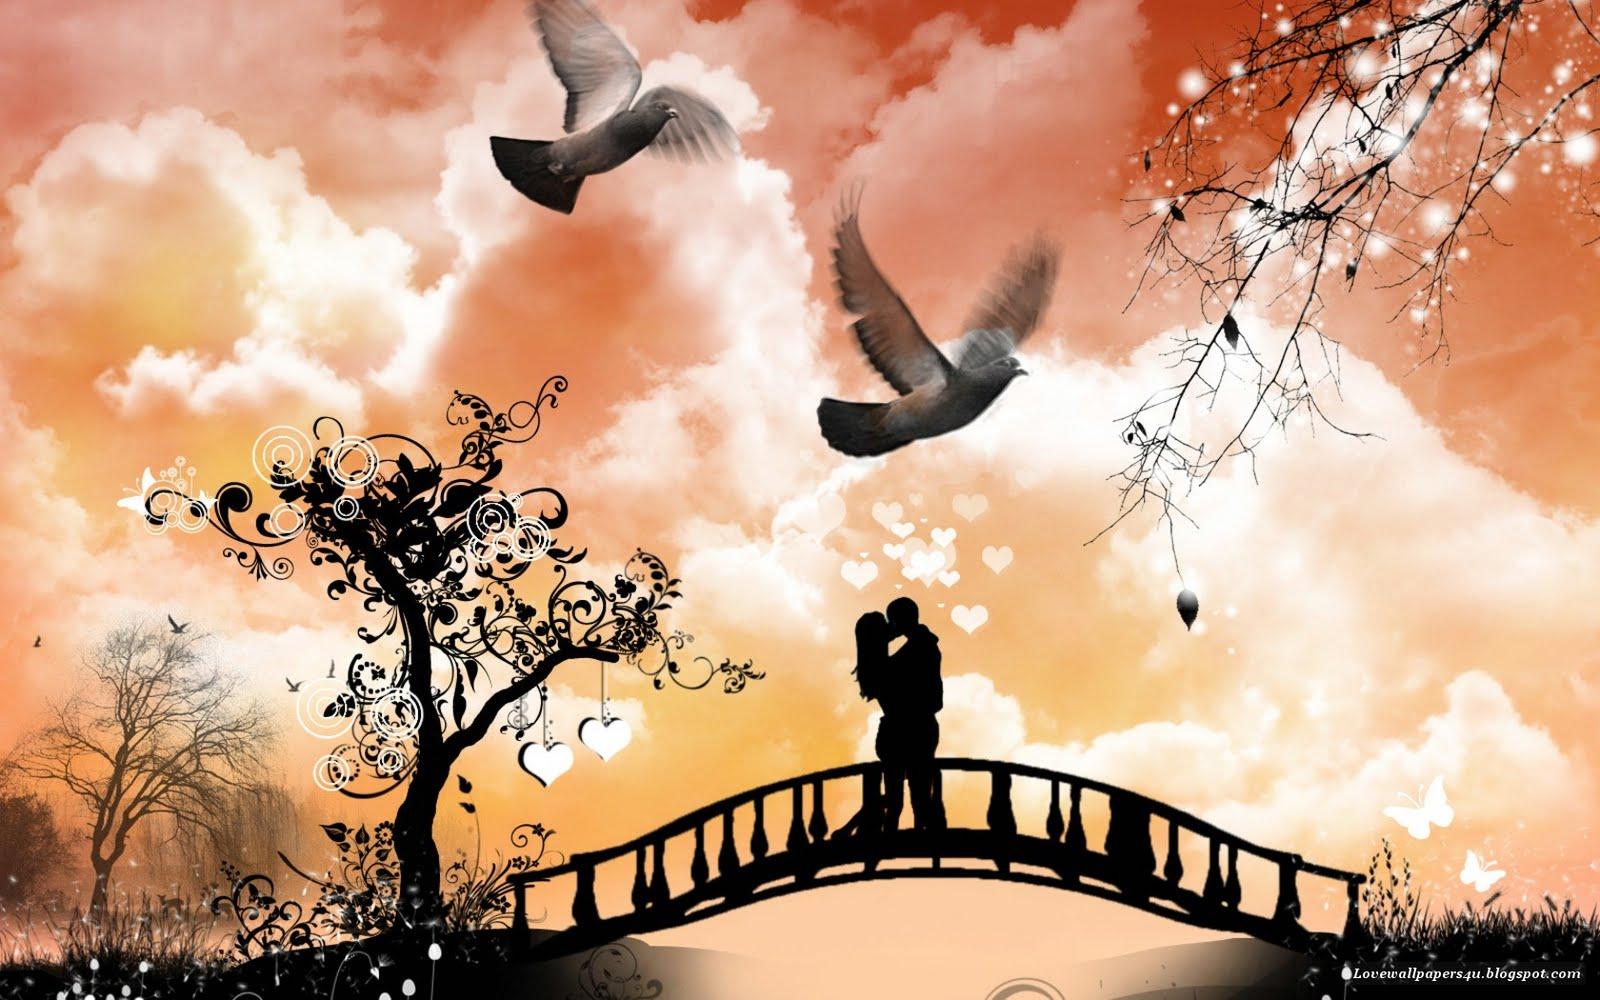 http://4.bp.blogspot.com/-zsSH4de4IkI/T72-EFg0iOI/AAAAAAAAAf8/sh0TsF6JVCY/s1600/Spring-love.jpg